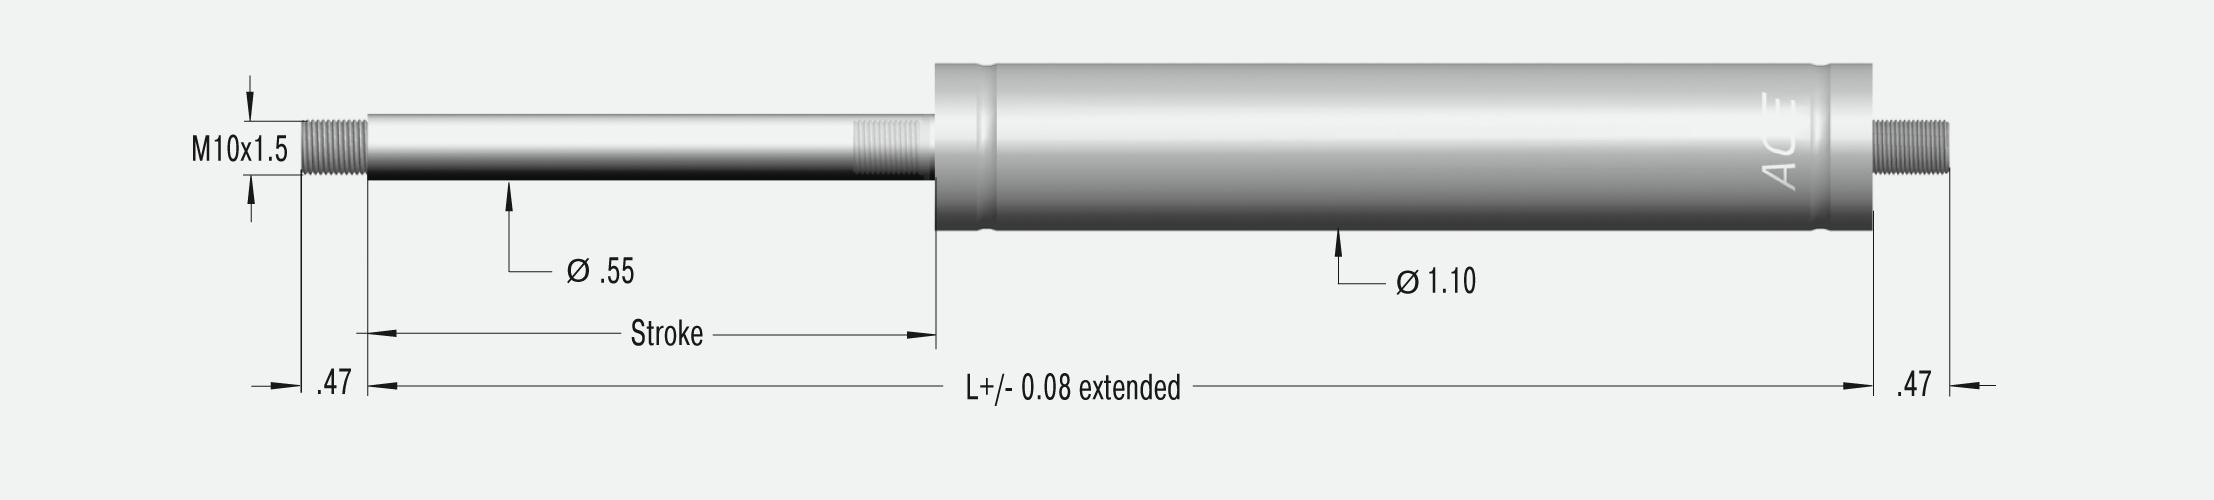 GS-28-550-V4A